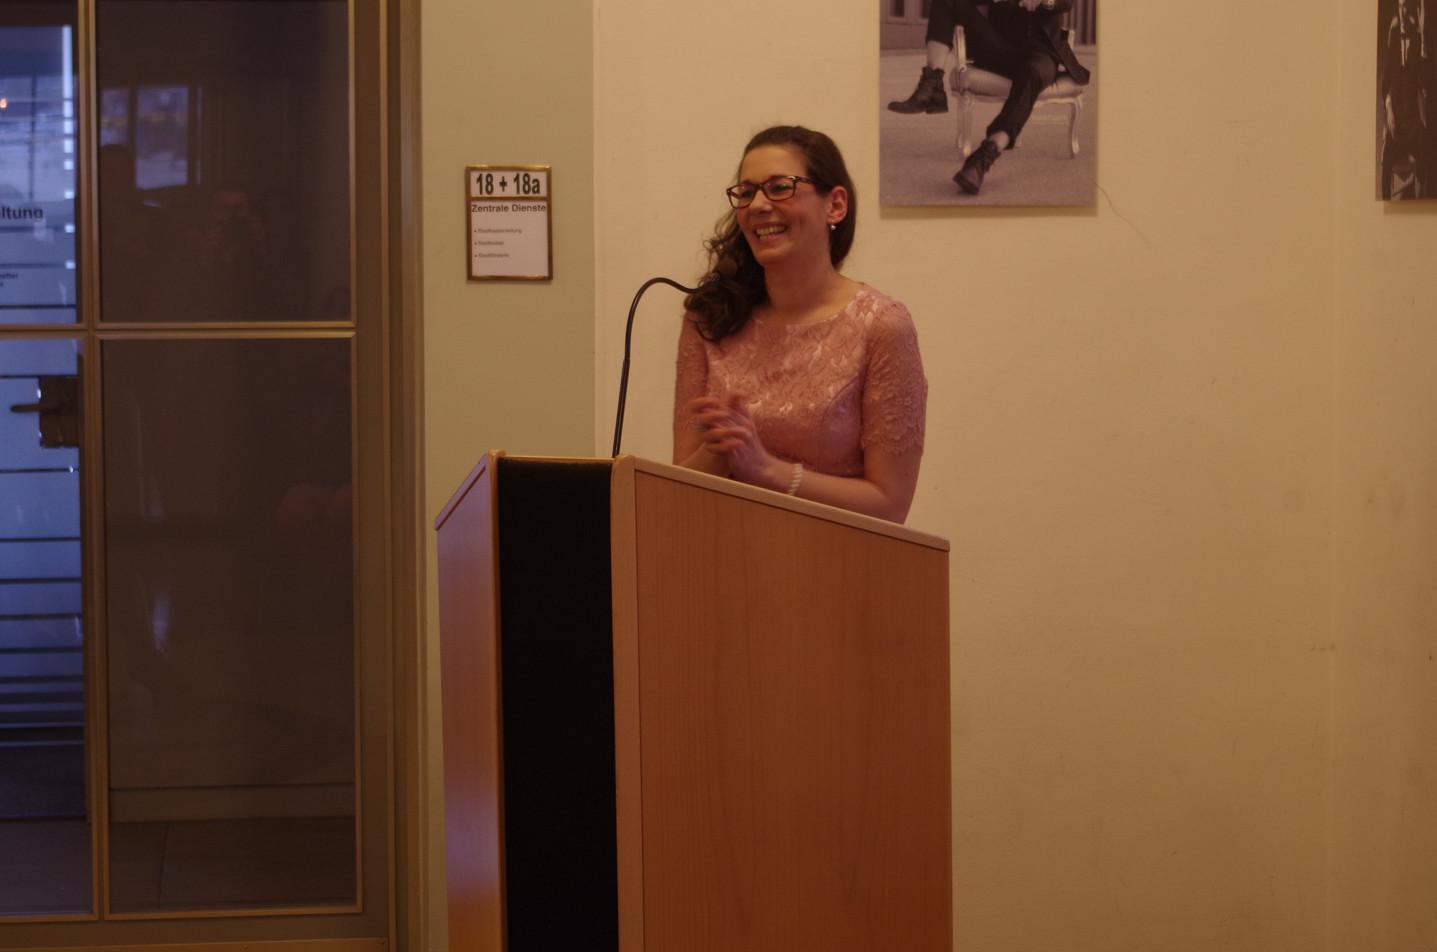 Nadine Ottenbreit bei Ihrer Vernissage